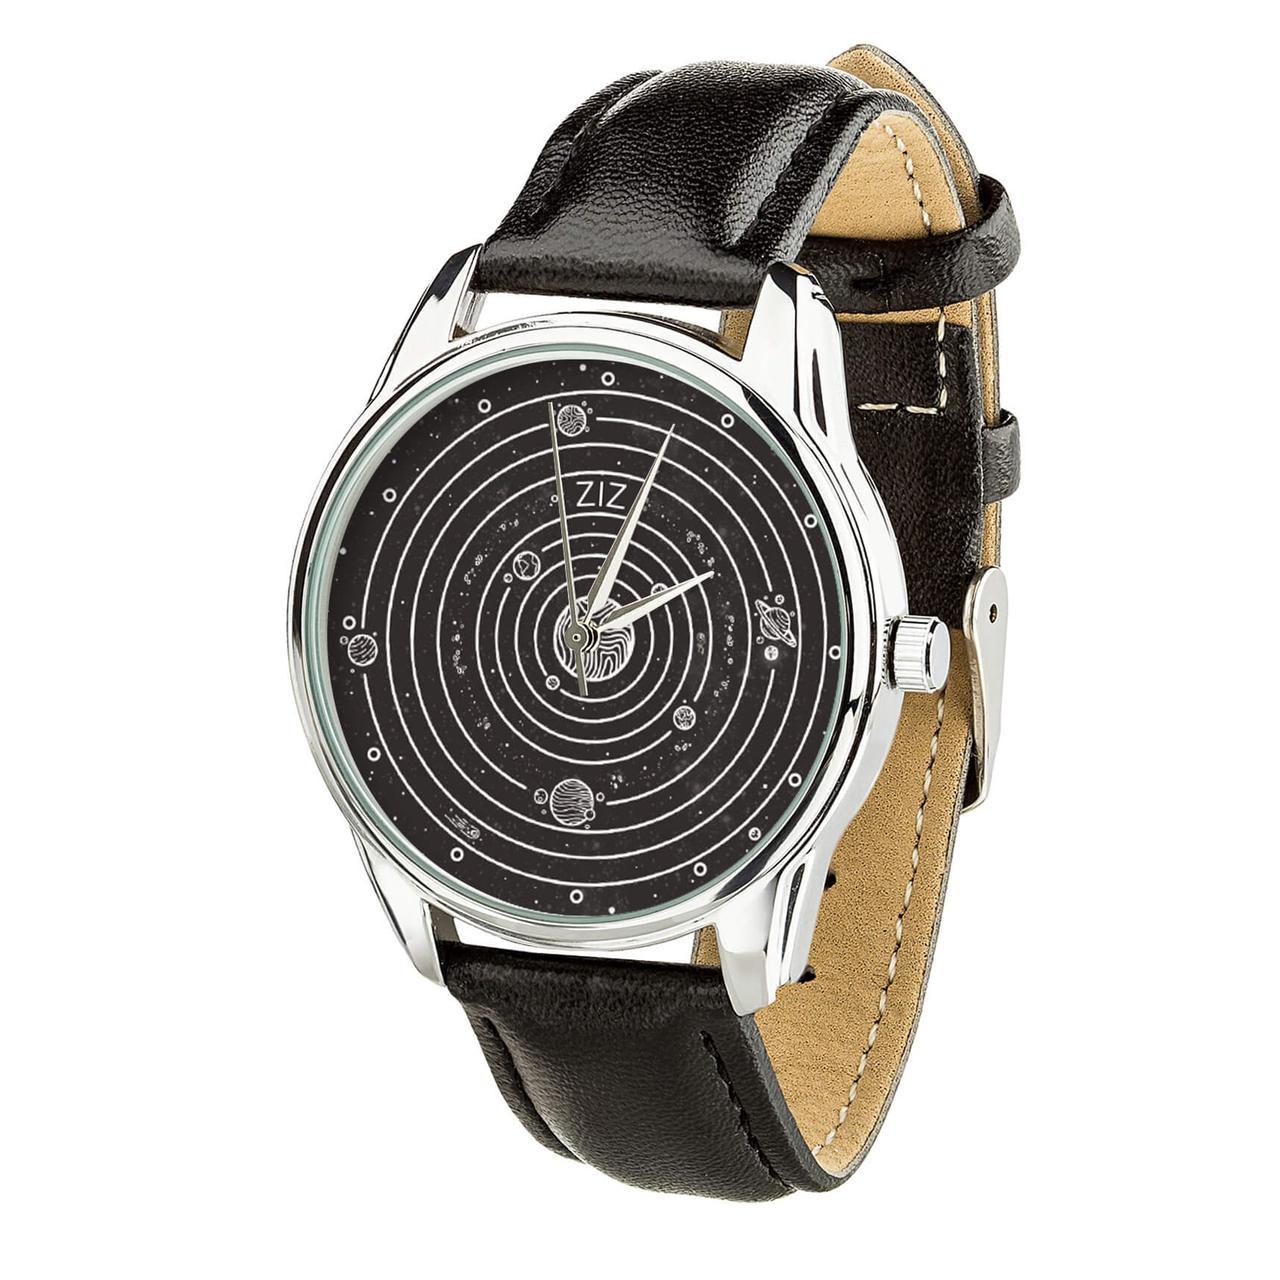 Часы ZIZ Планеты (ремешок насыщенно - черный, серебро) + дополнительный ремешок